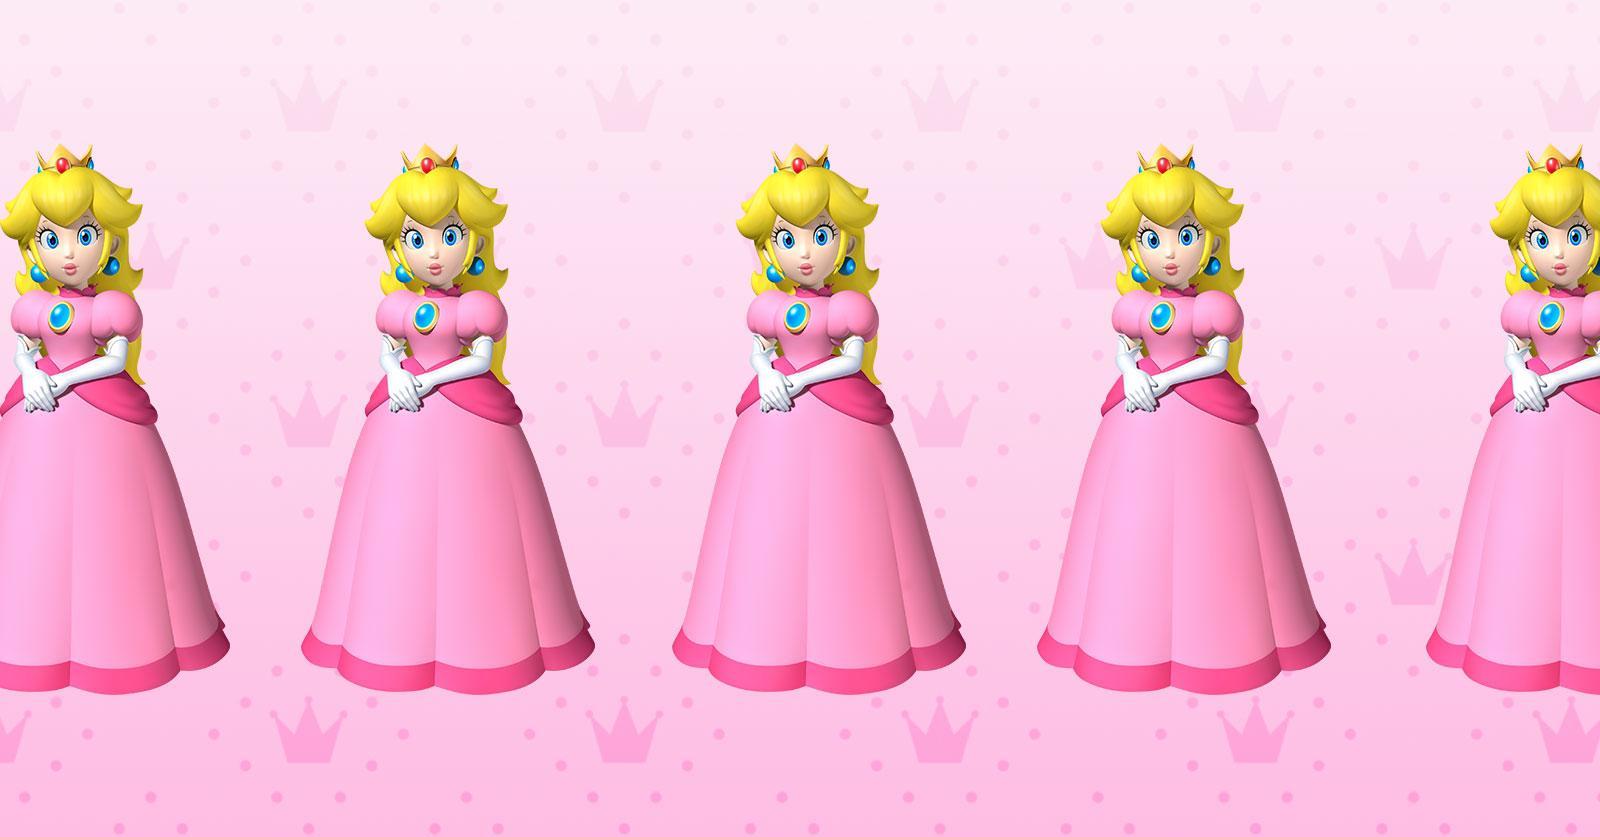 princesspeach-1489183487740.jpg